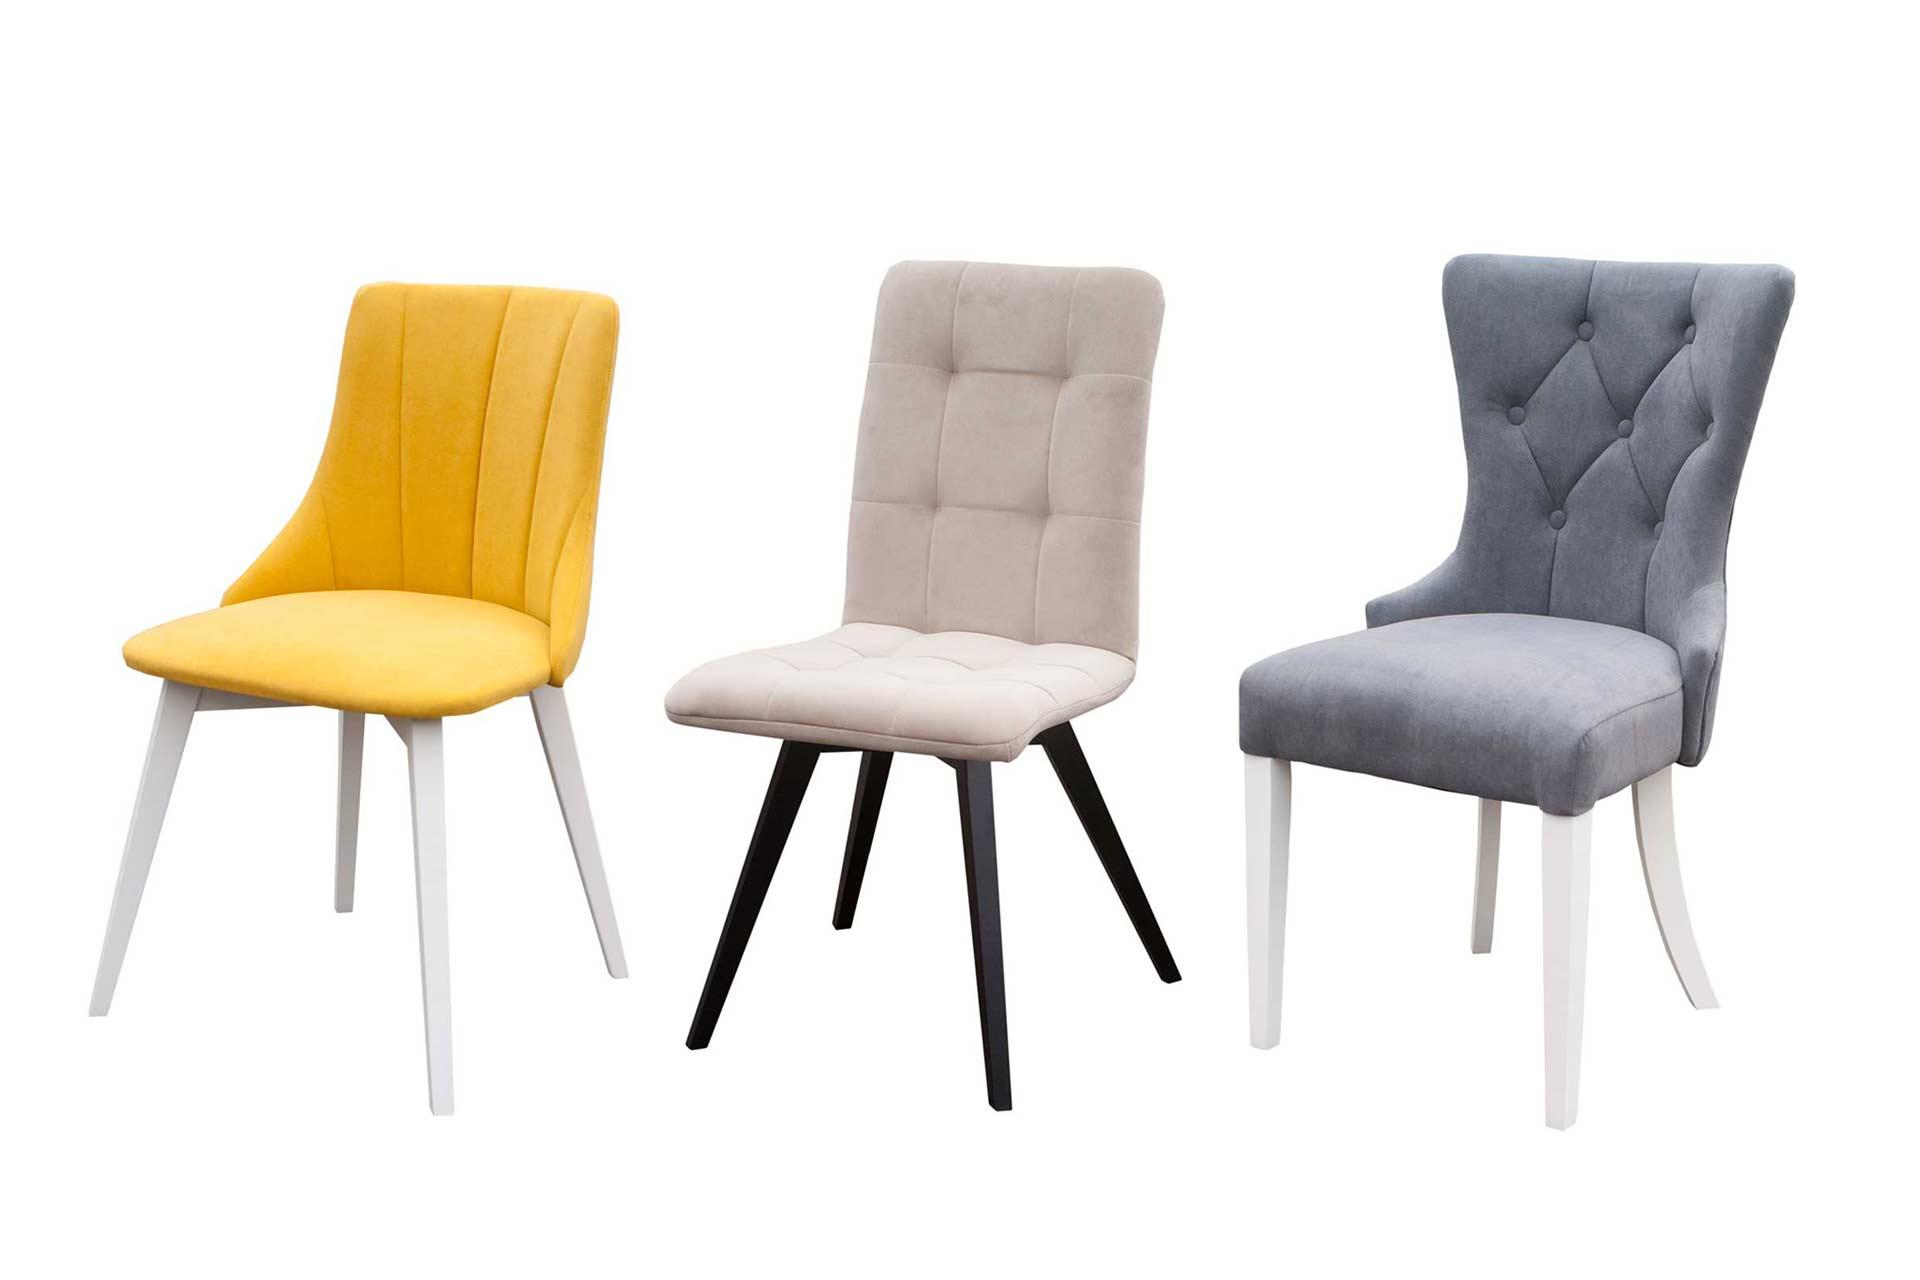 W G M Pankau nowości krzesła tapicerowane producent mebli strona główna